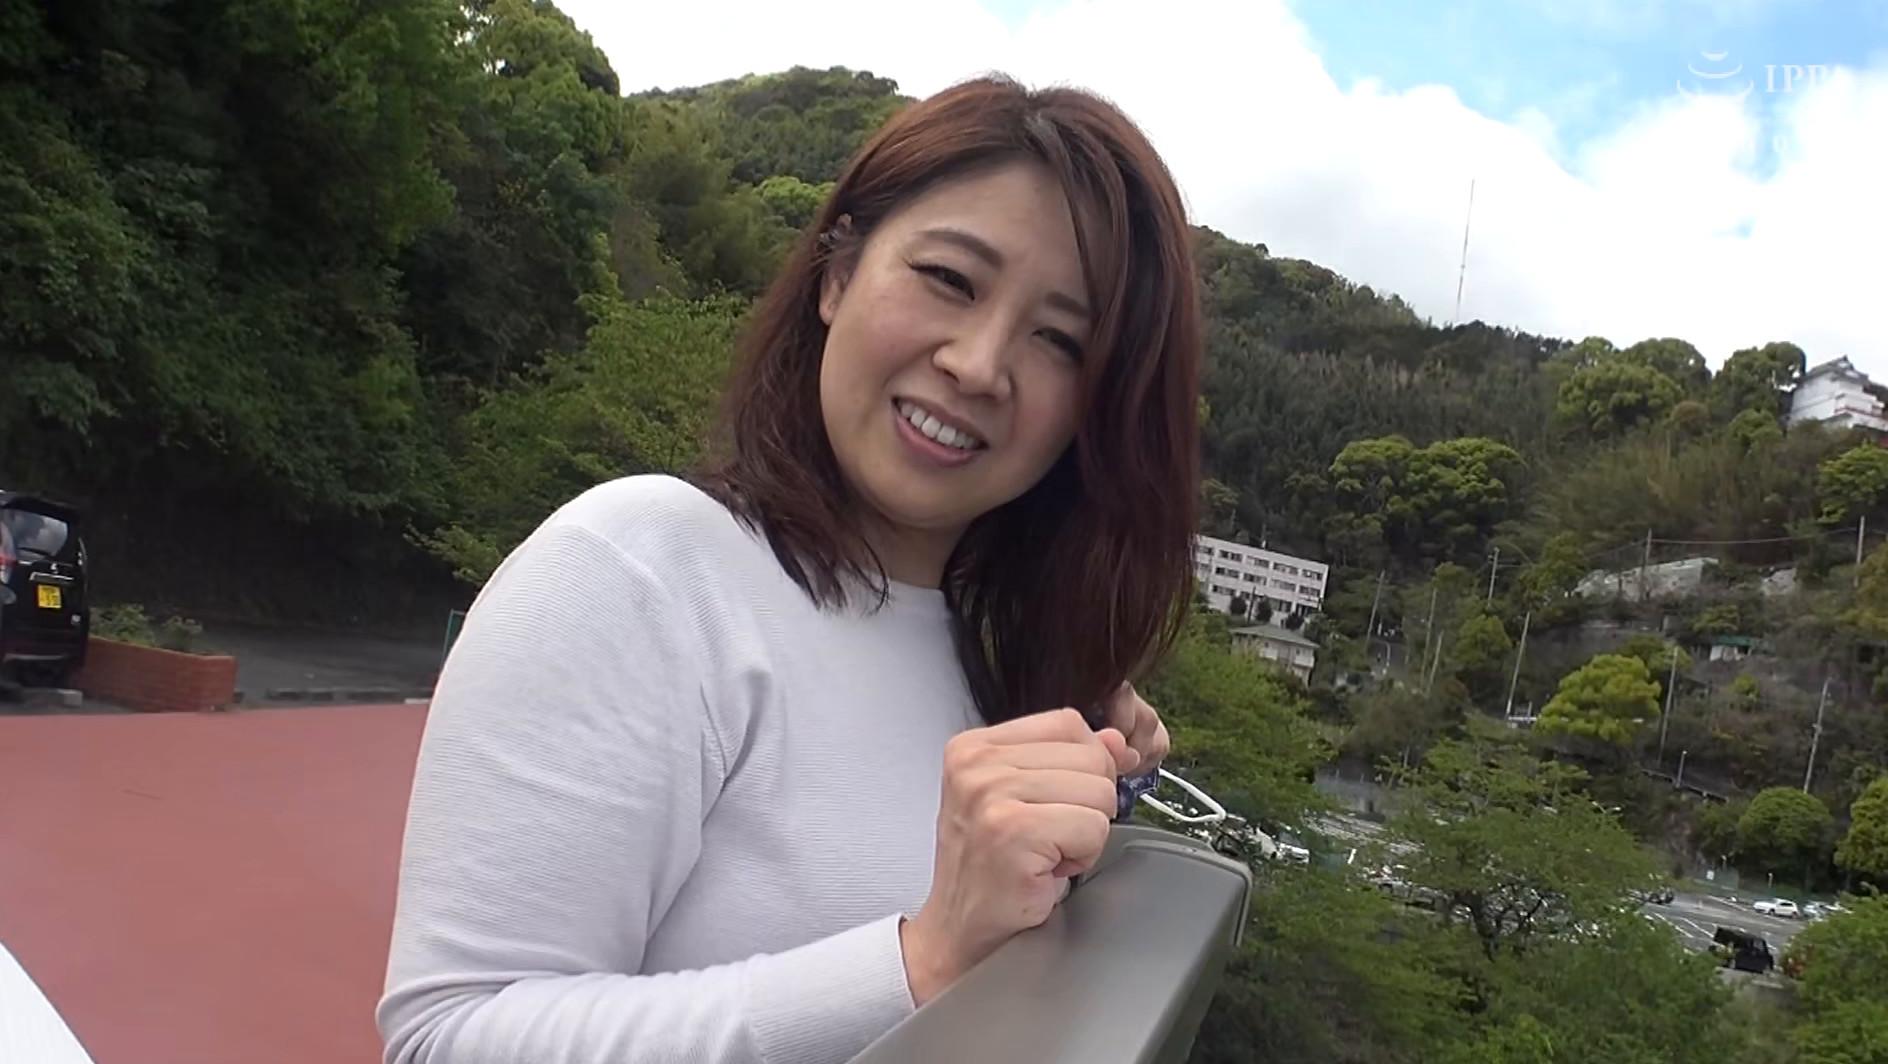 日帰り温泉 熟女色情旅 #023 宏美(仮)40歳 離婚1回 子供1人,のサンプル画像2